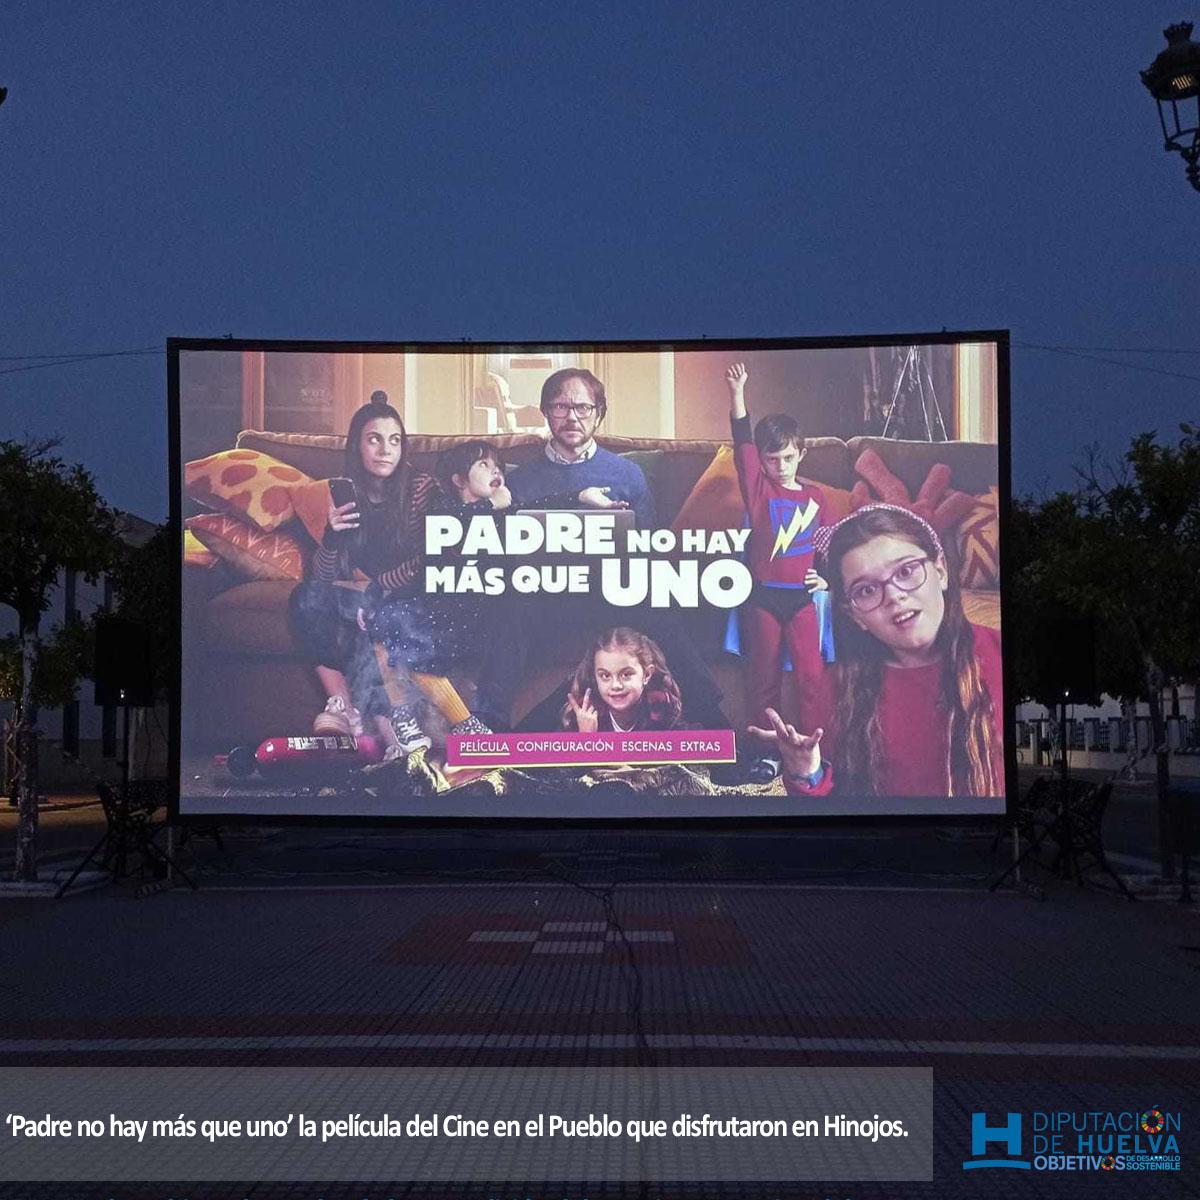 Todos los días de la semana ¡nos vemos en el #CineEnElPueblo!  HOYestaremos en #Alosno disfrutando con 'Spiderman. Lejos de Casa' en el Polideportivo Municipal a las 22:30h  Y saborea el #SéptimoArte ¡cada día de tu #verano! @aytoalosnopic.twitter.com/fJA898dEB1